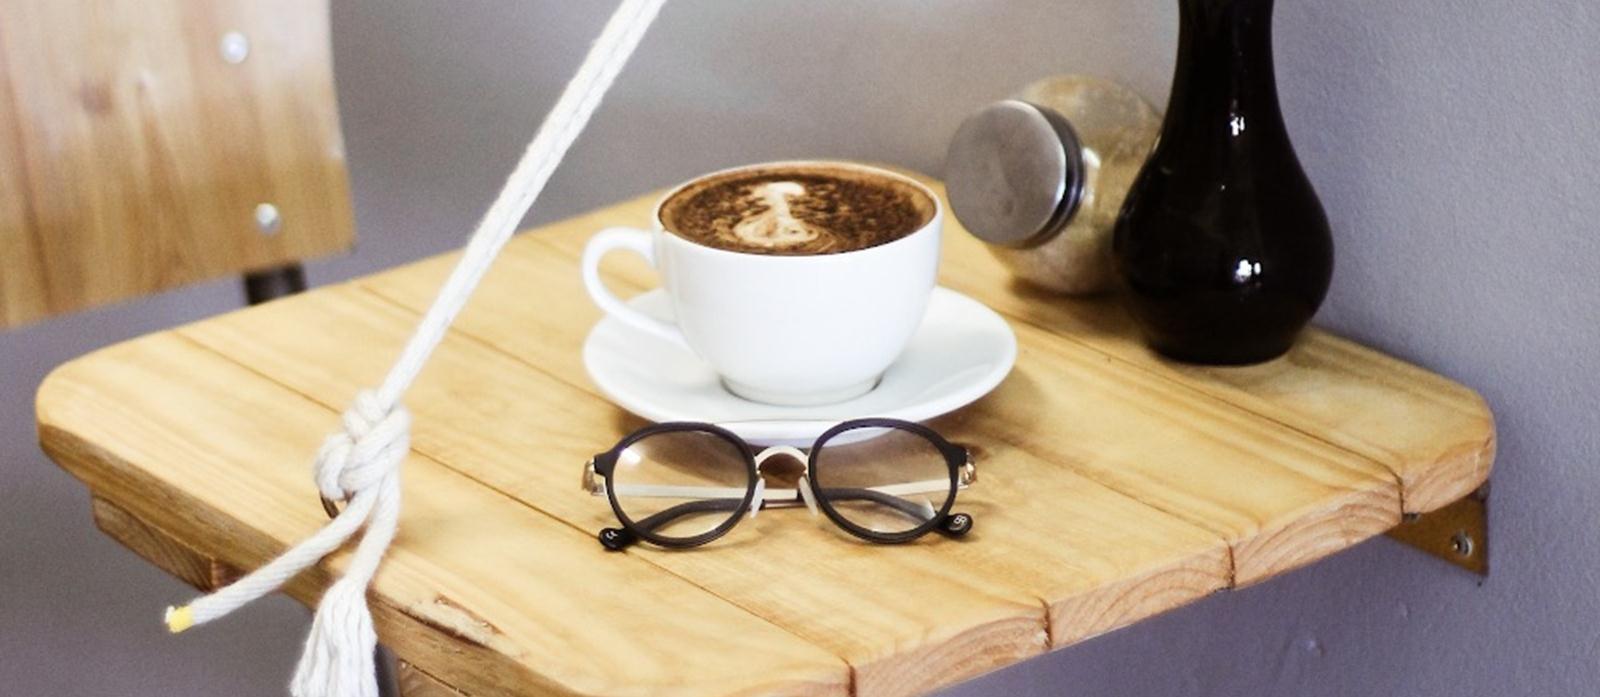 Coffee Shop Corners: Jeffreys Bay - Trends - Execuspecs